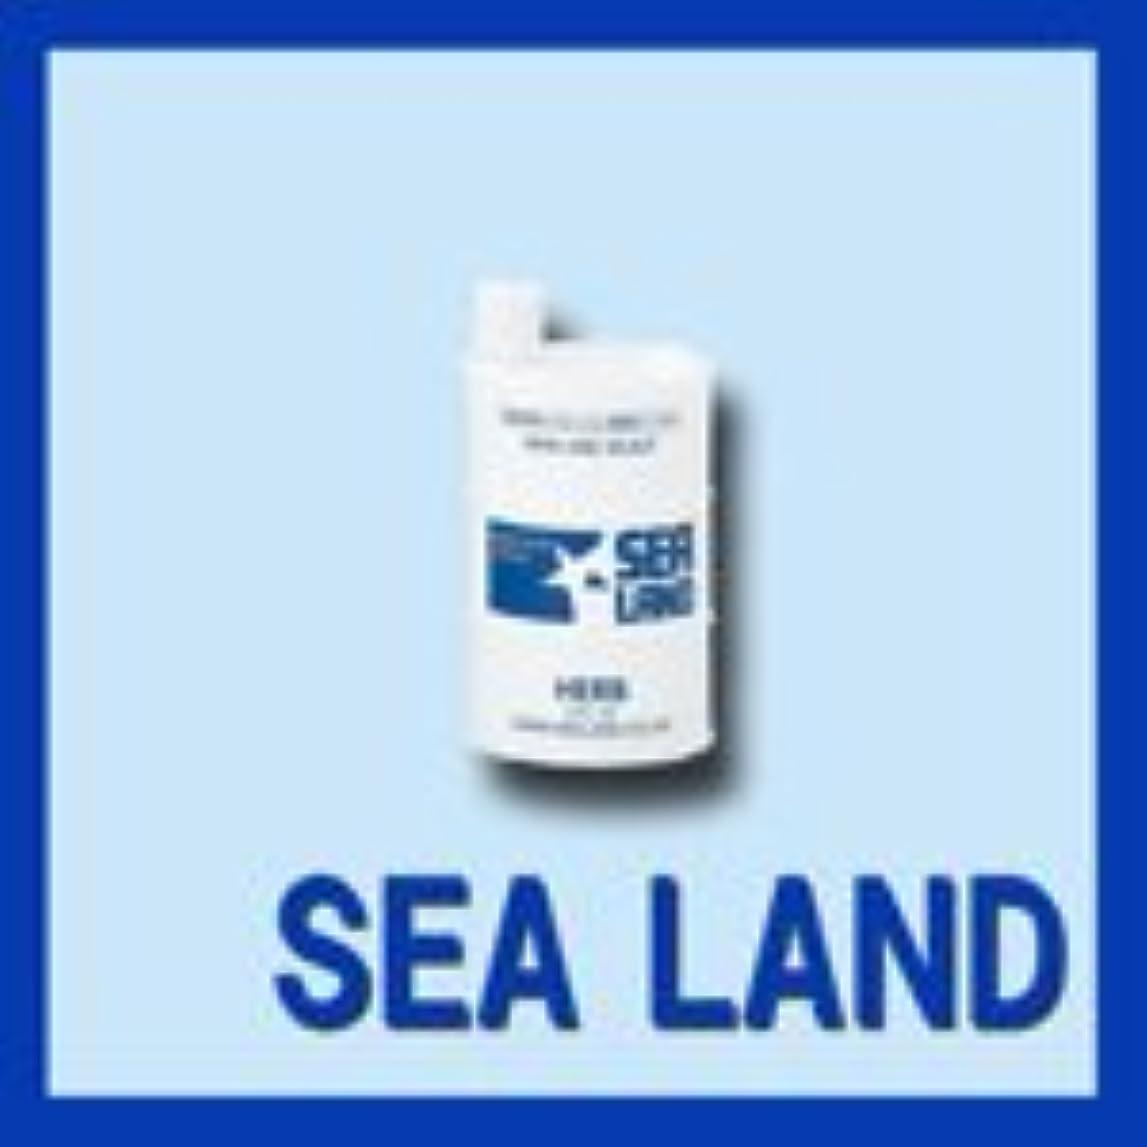 戻す見捨てる手つかずのSEA LAND シーランド 薬用ローション 1000ml (ファミリードラム) ハーブバランス